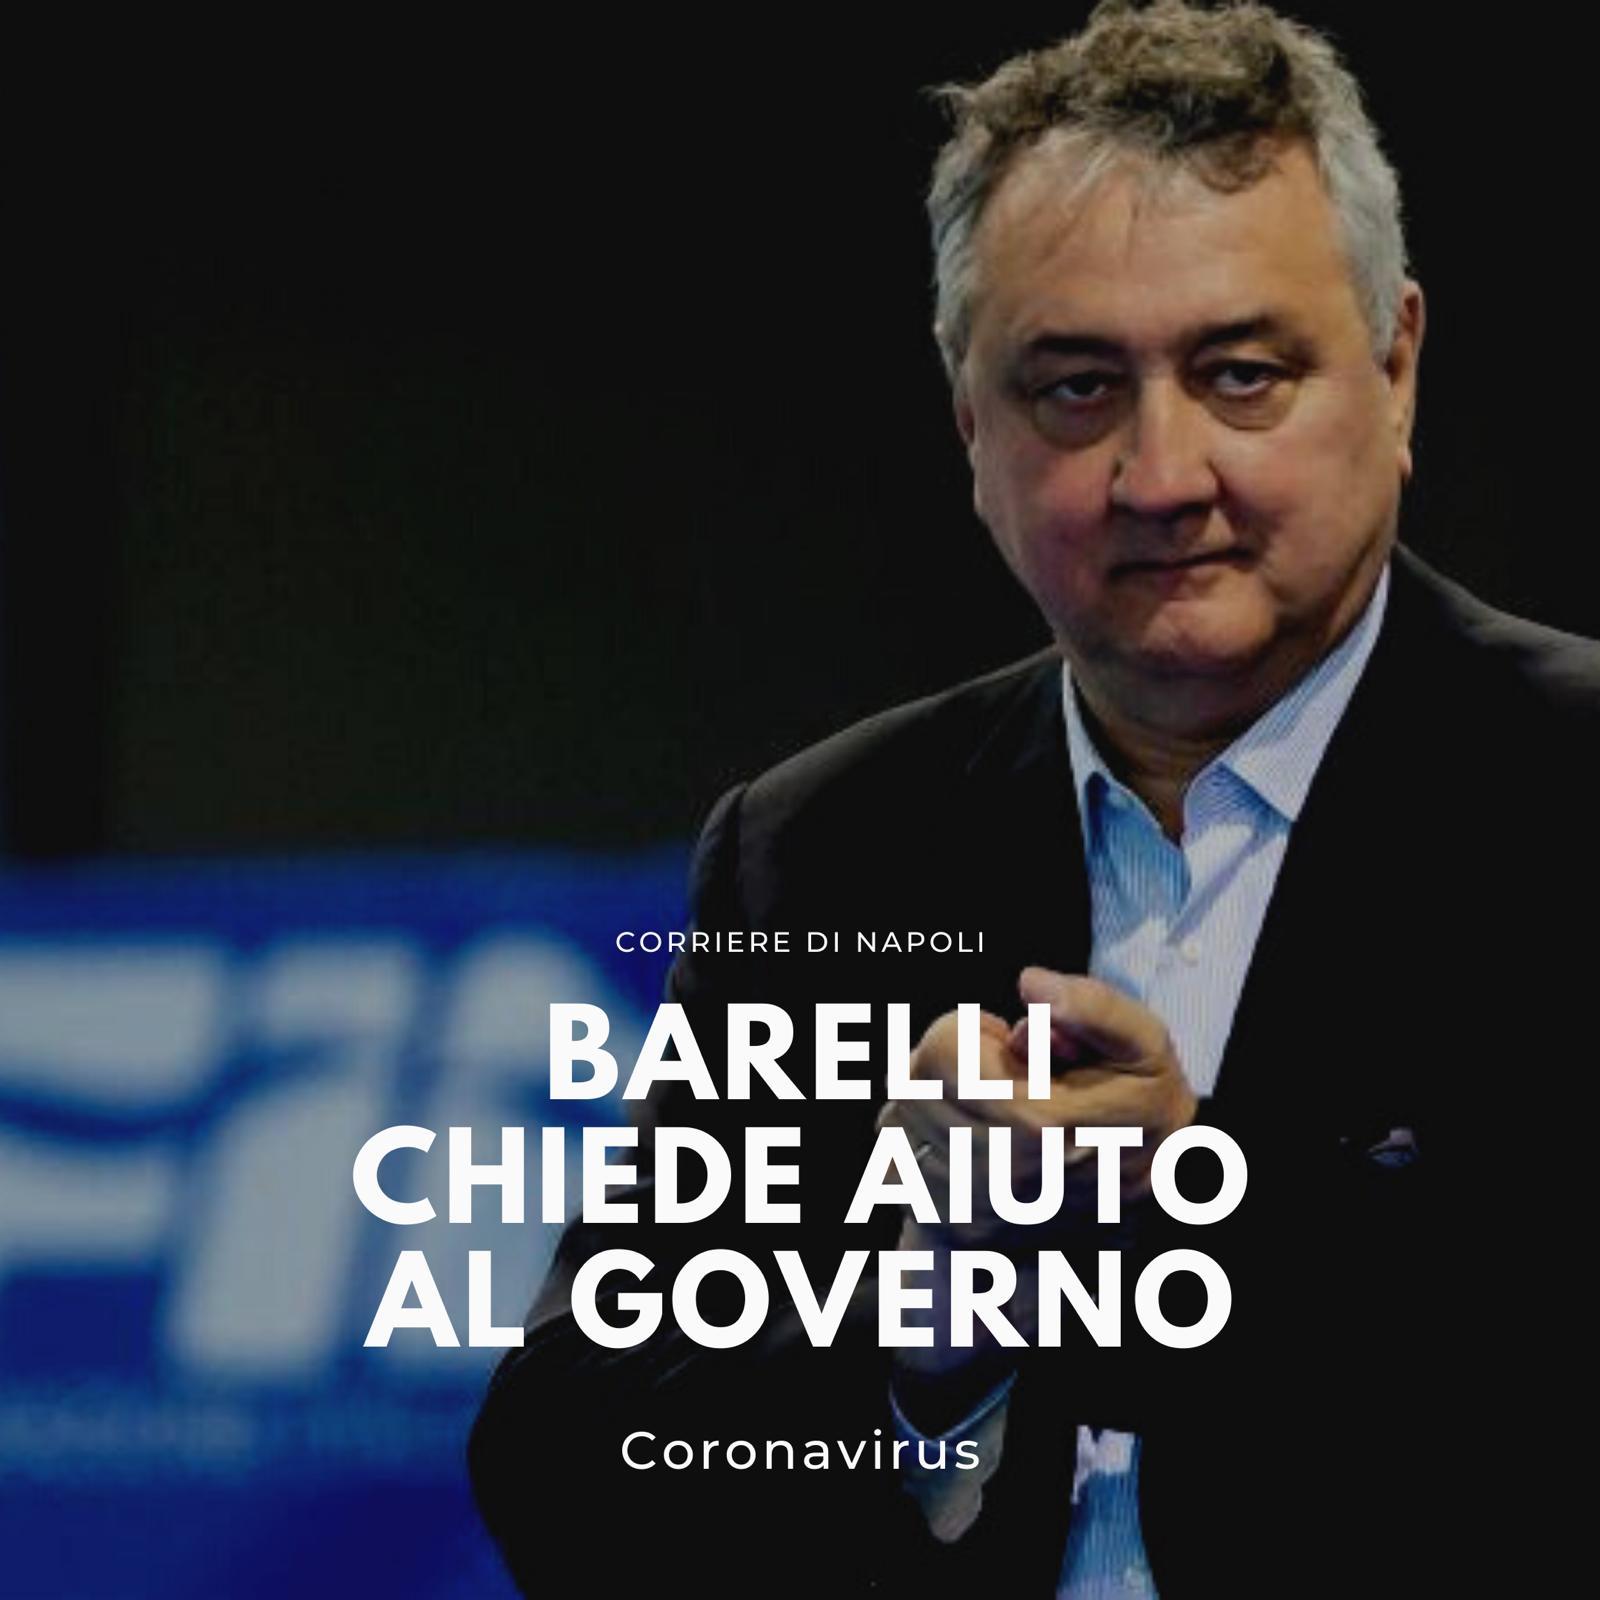 Corriere di Napoli cover image